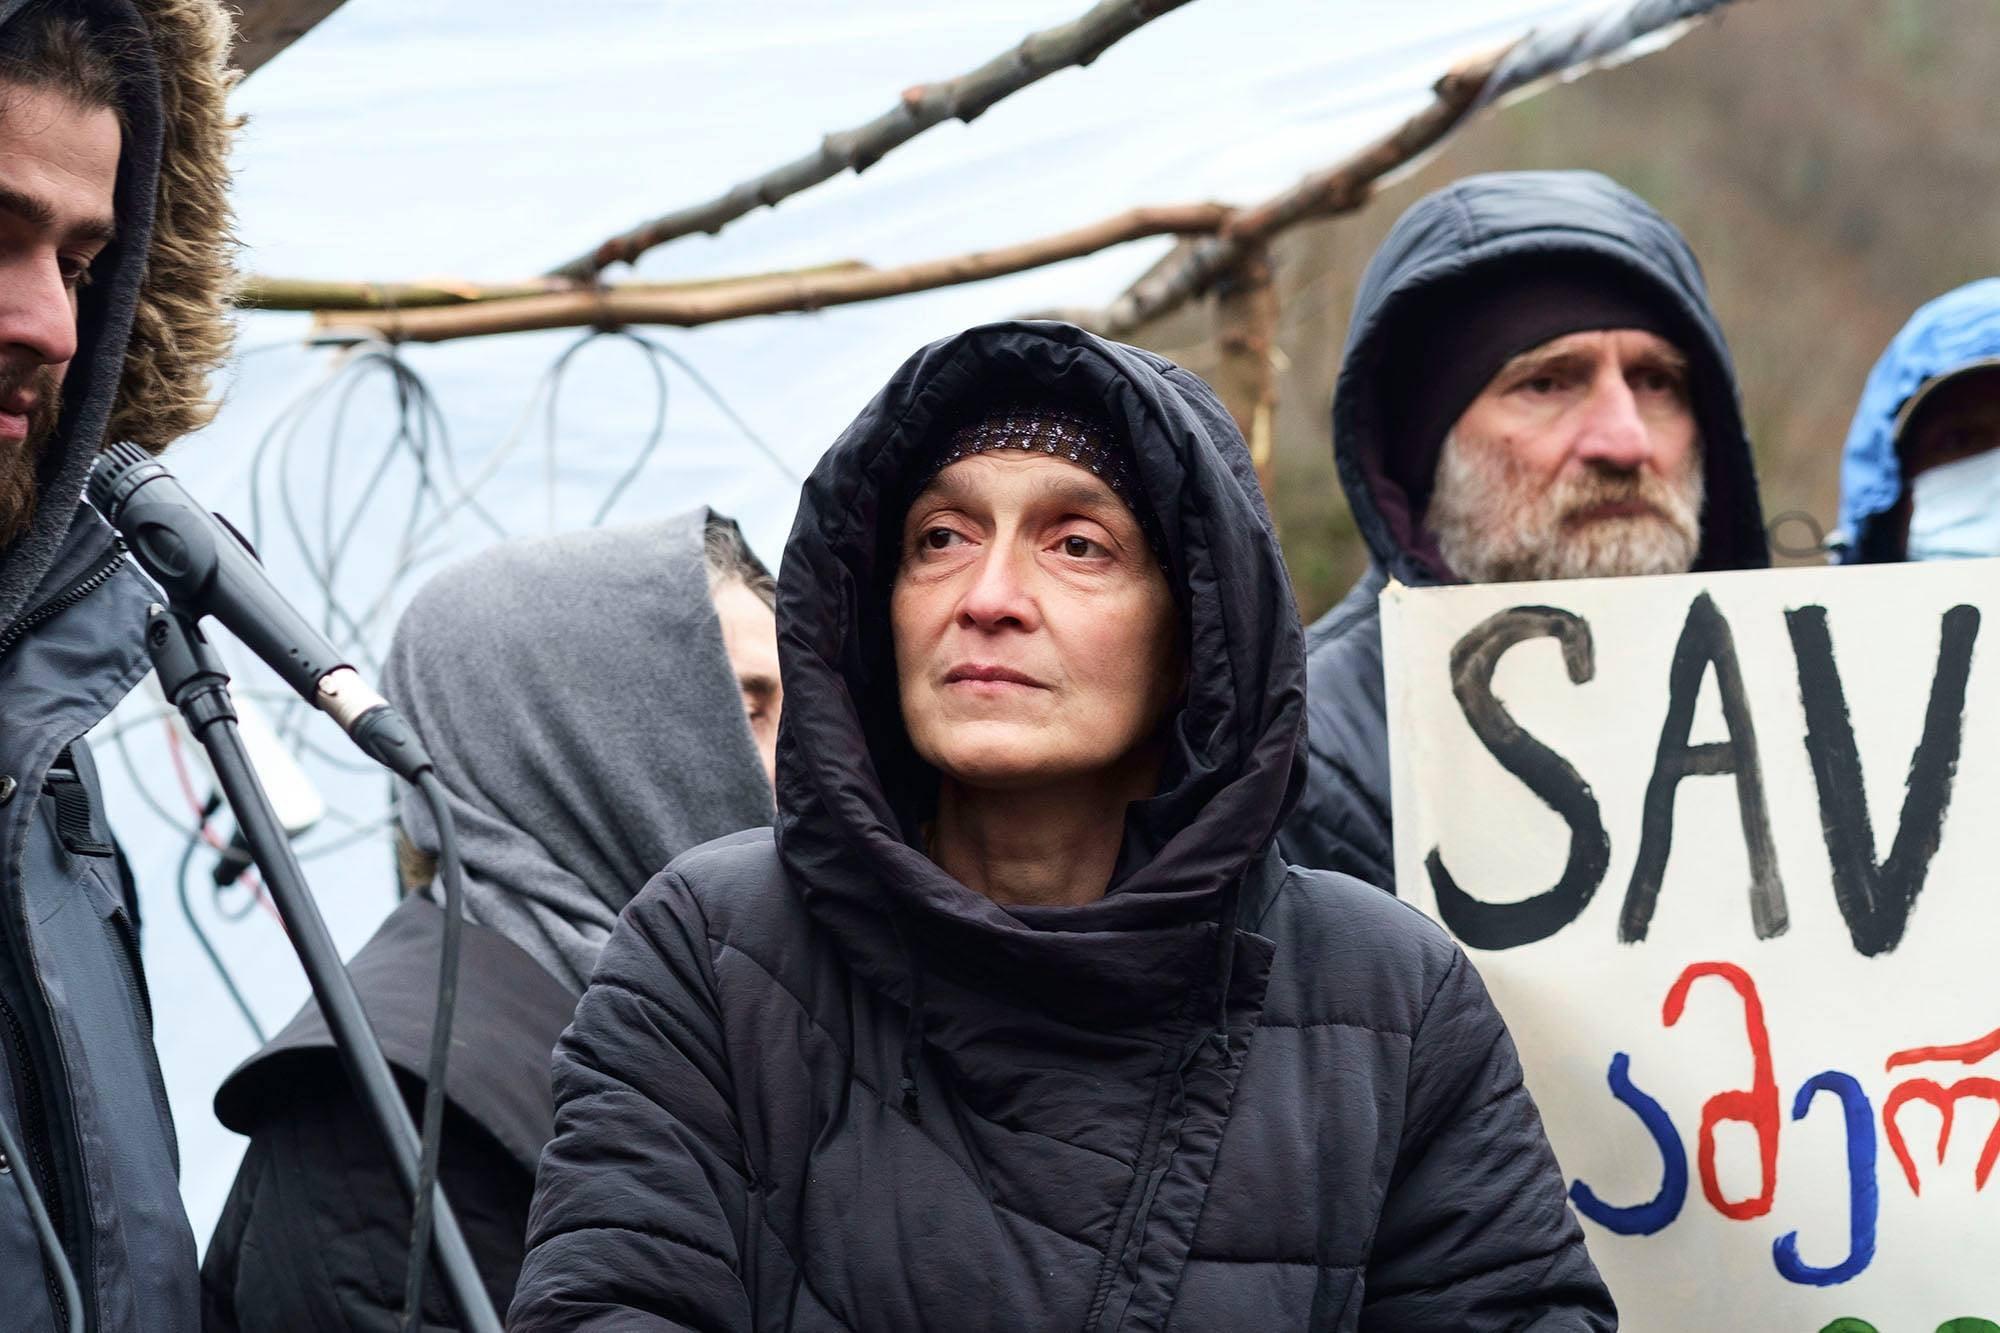 ქალთა ფონდი სოლიდარობას უცხადებს რიონის ხეობის მცველებს